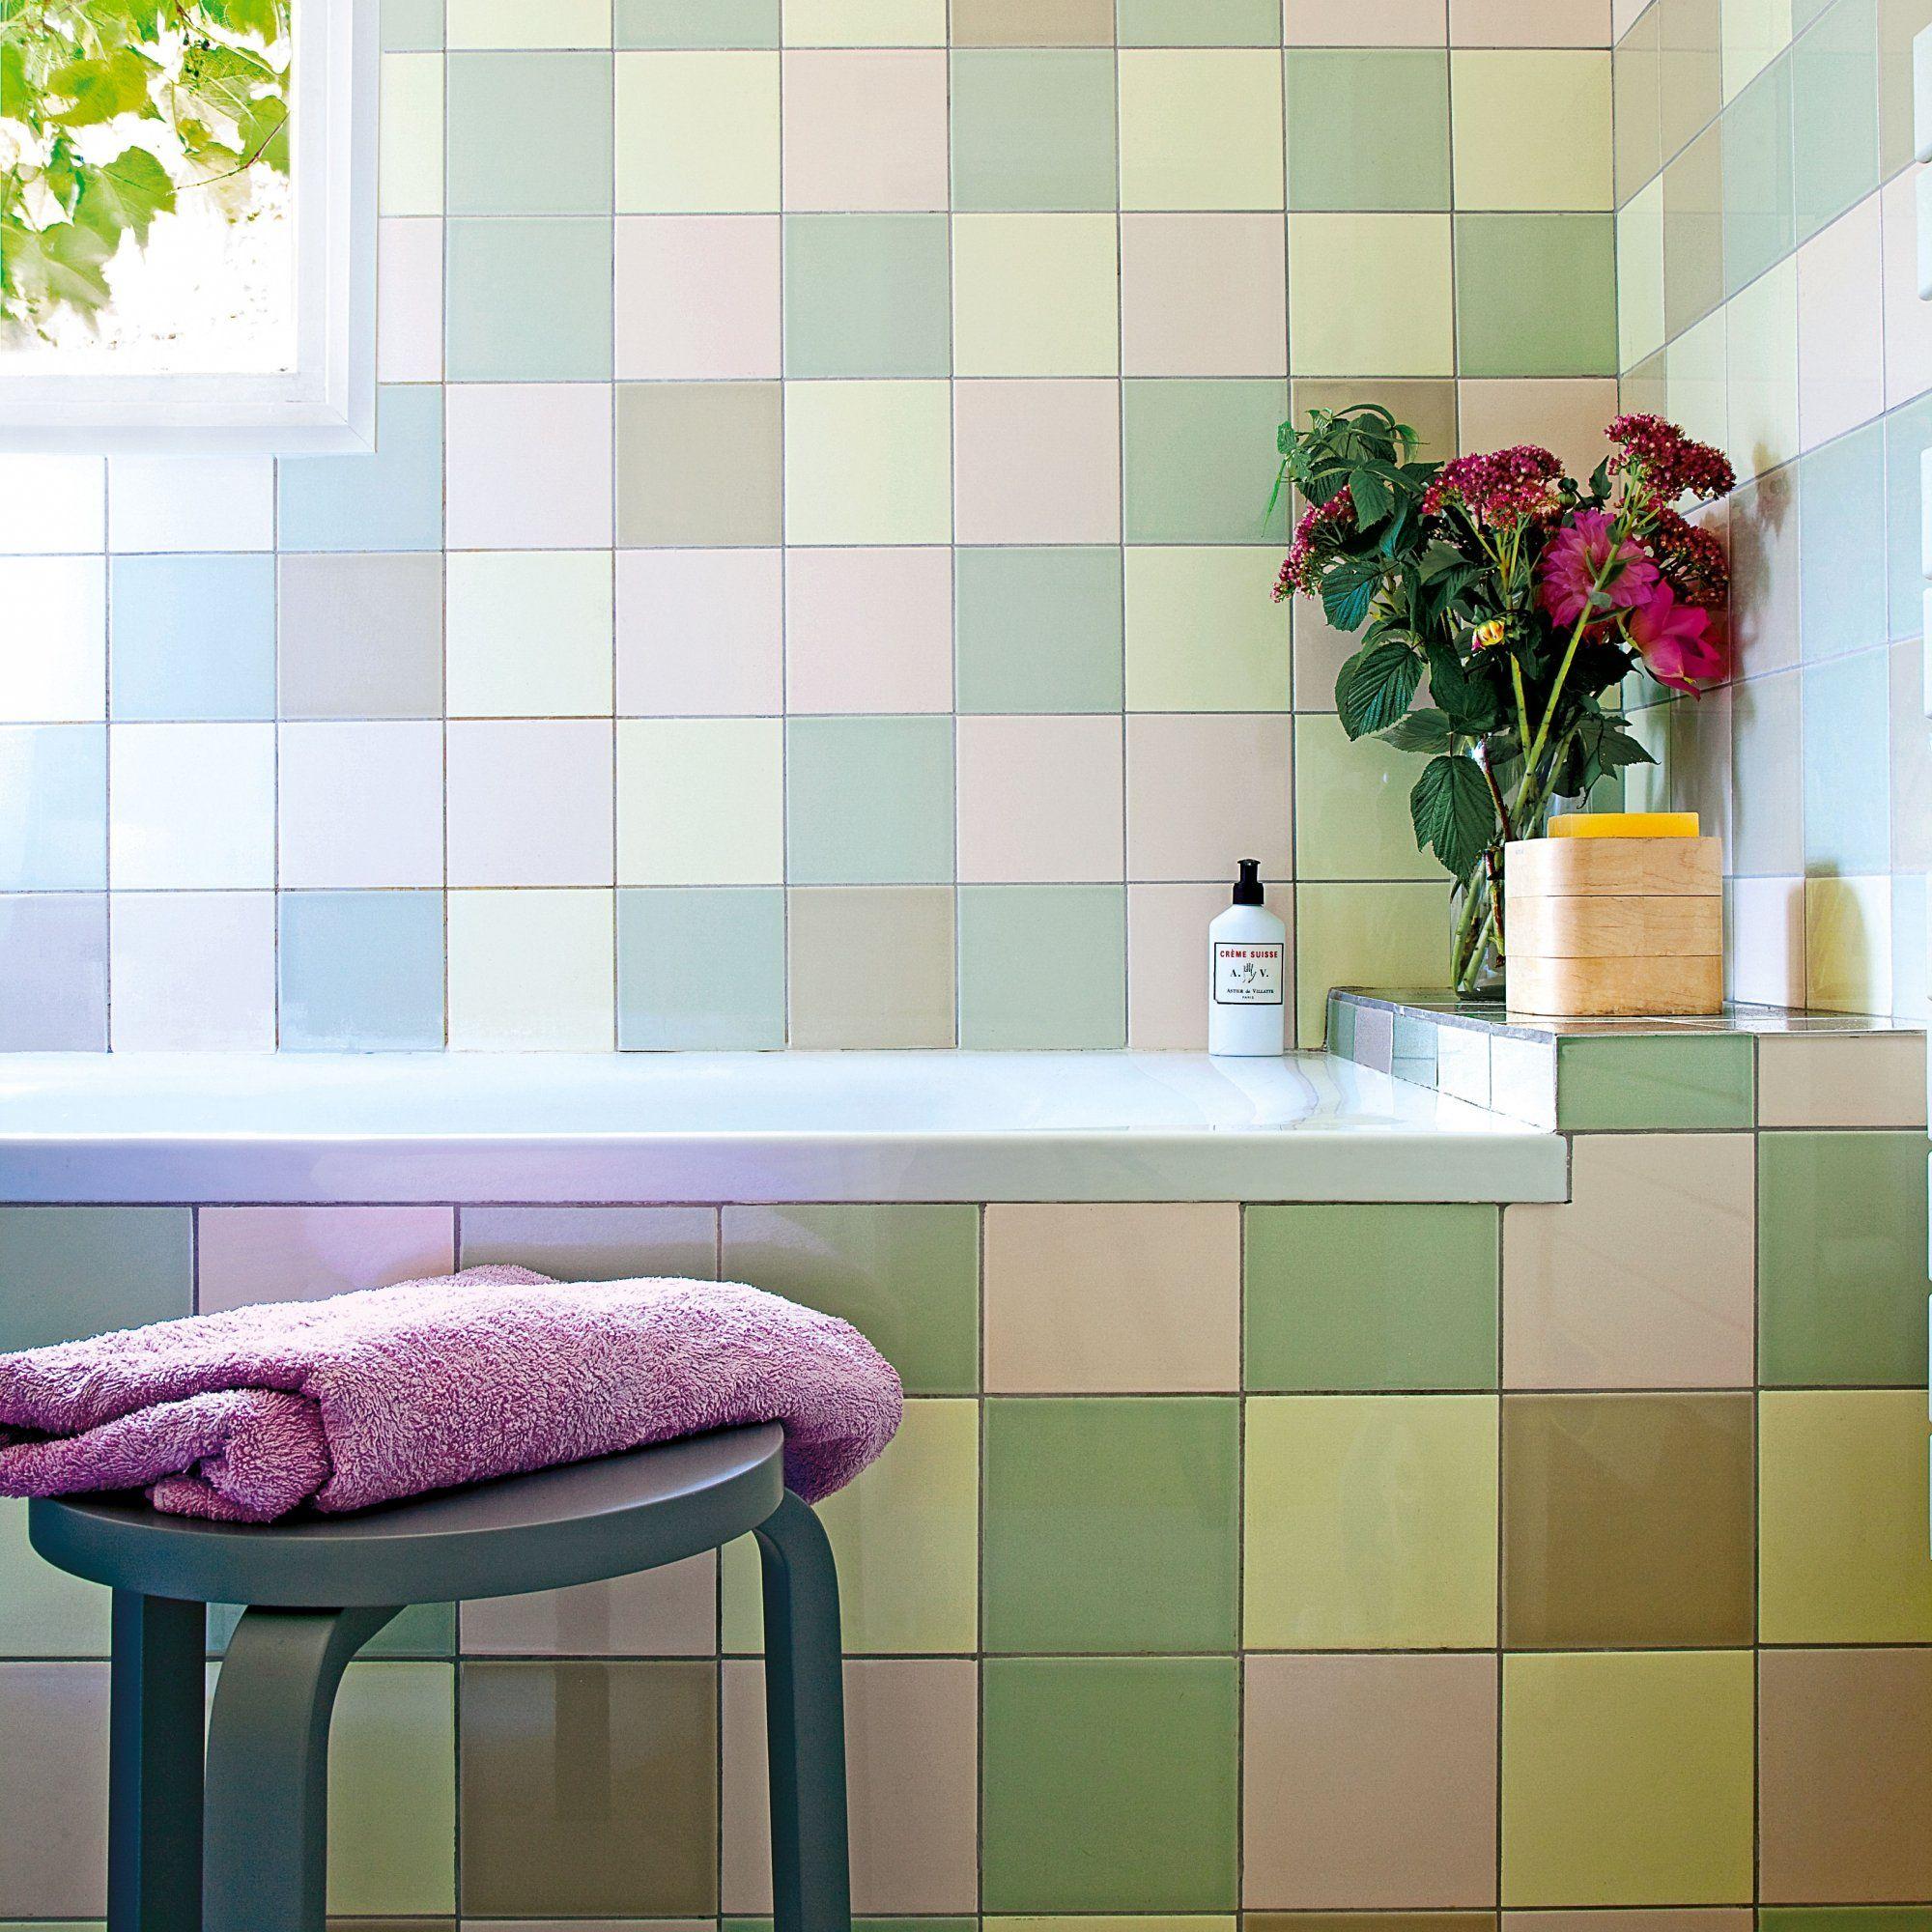 salle de bains carrelage rose vert et jaune pâle | Salle de bains ...